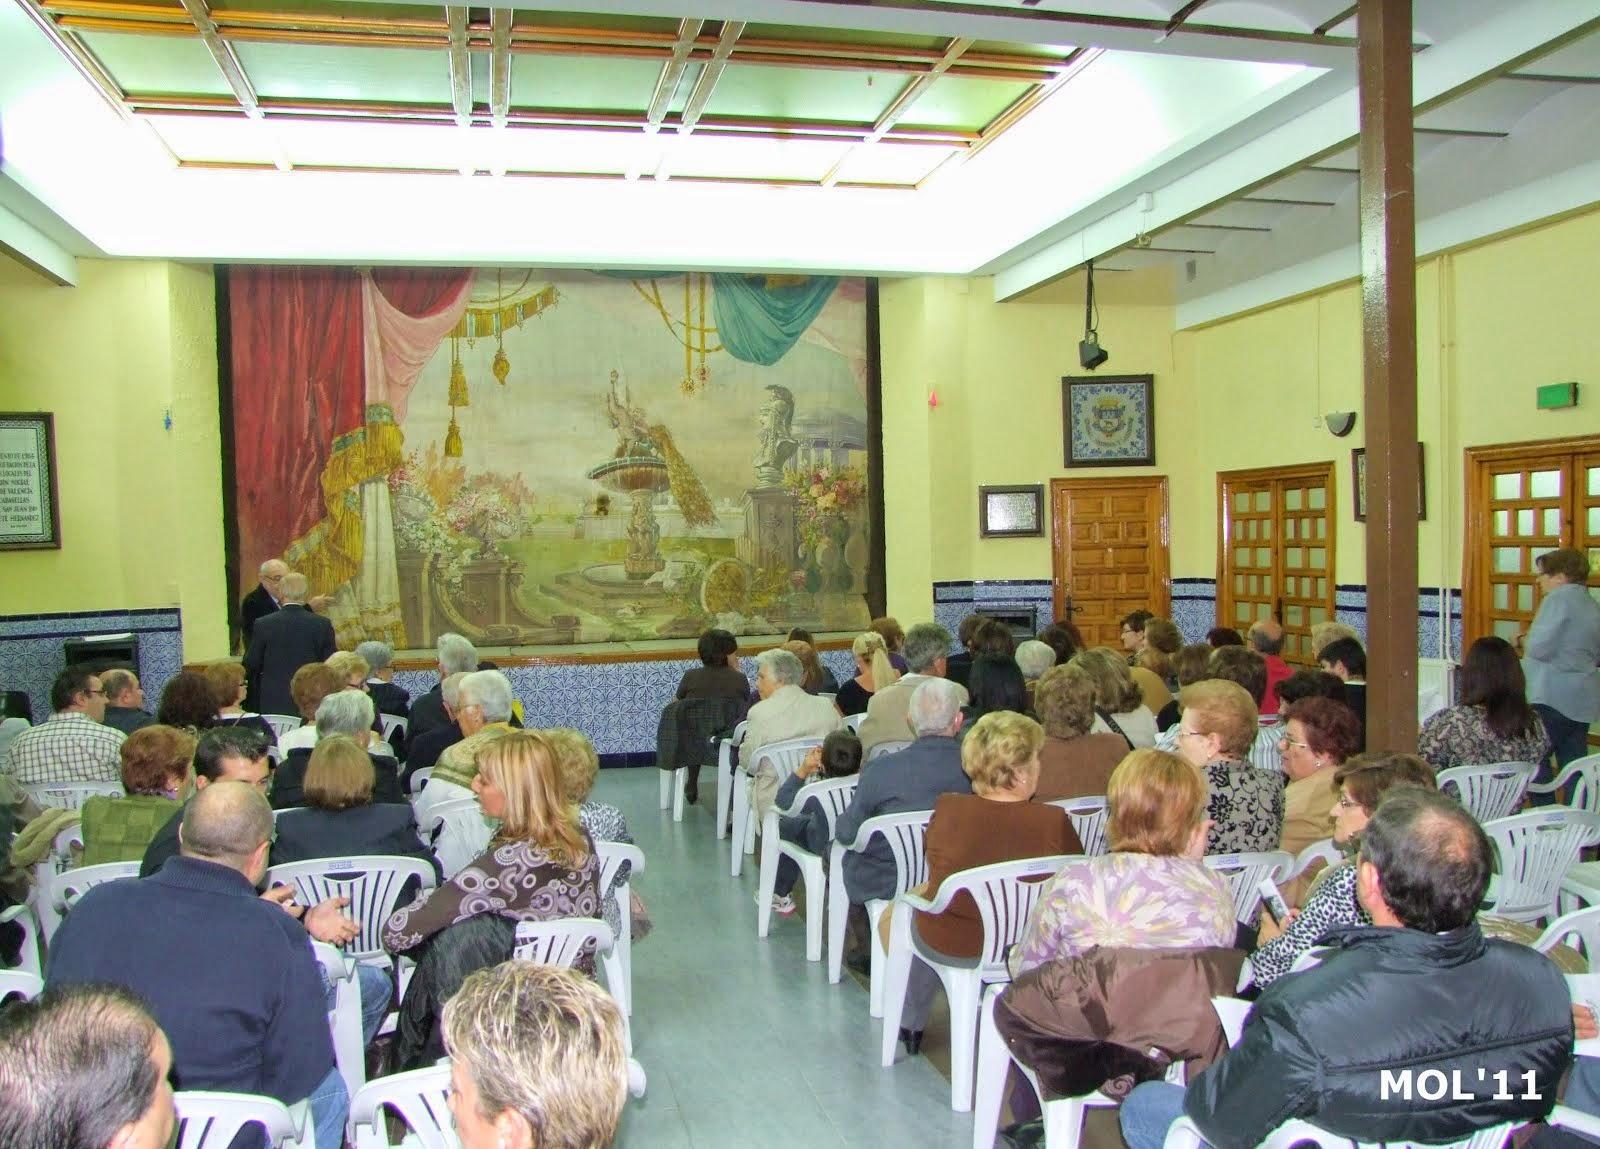 II MOSTRA DE SAINETS EN LLENGUA VALENCIANA, MANISES 2007.